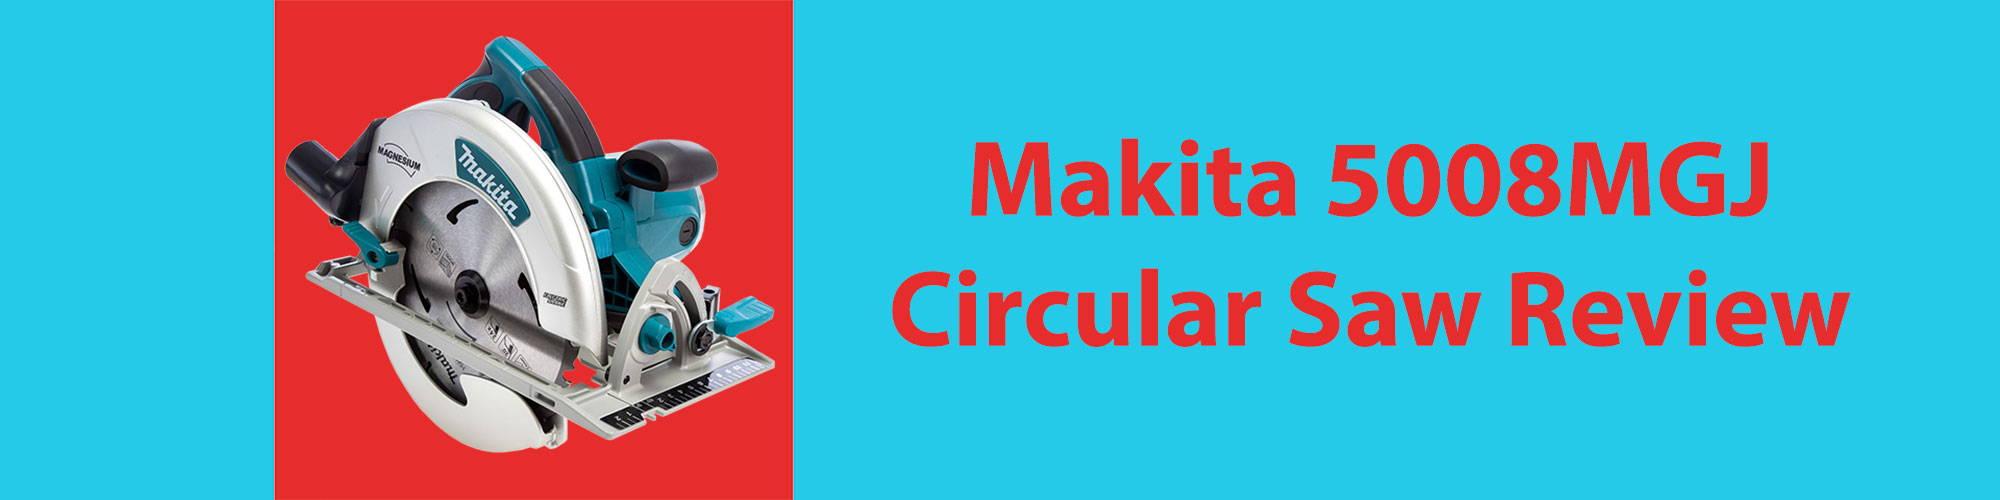 Makita 5008MGJ Circular Saw Review